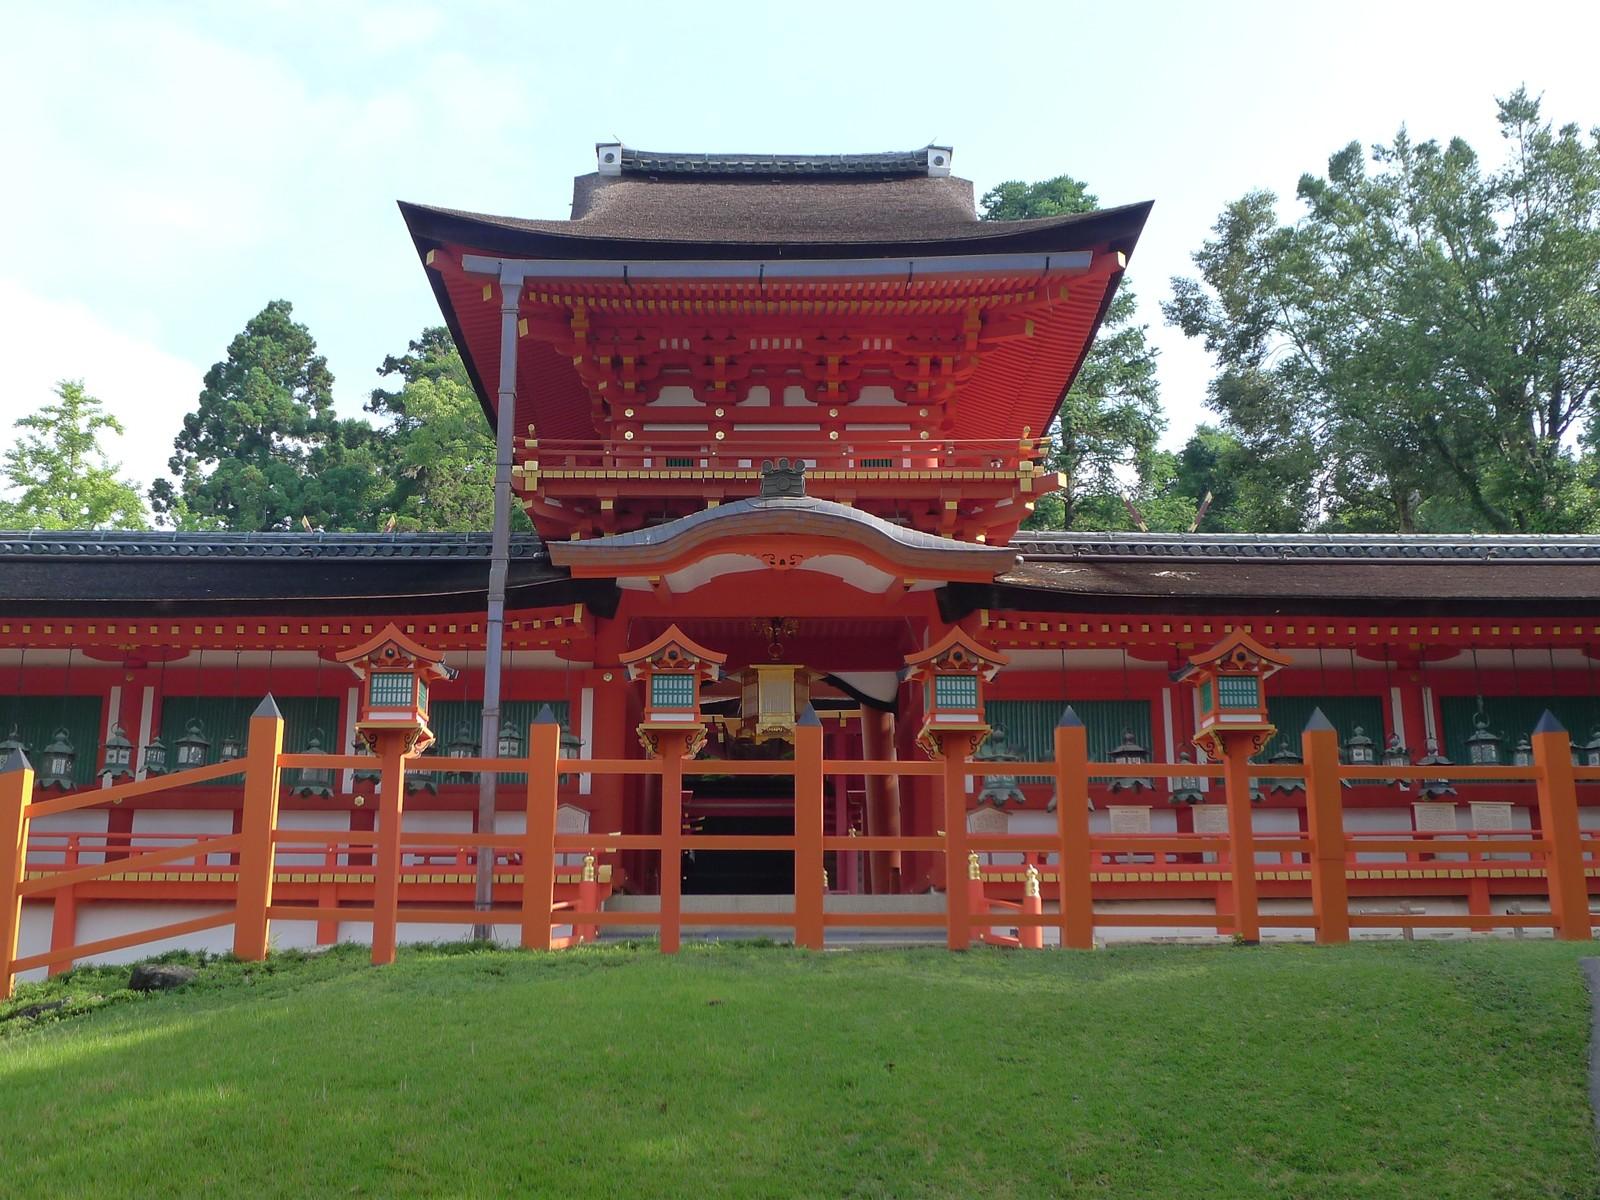 春日大社 - 奈良市ホームページ